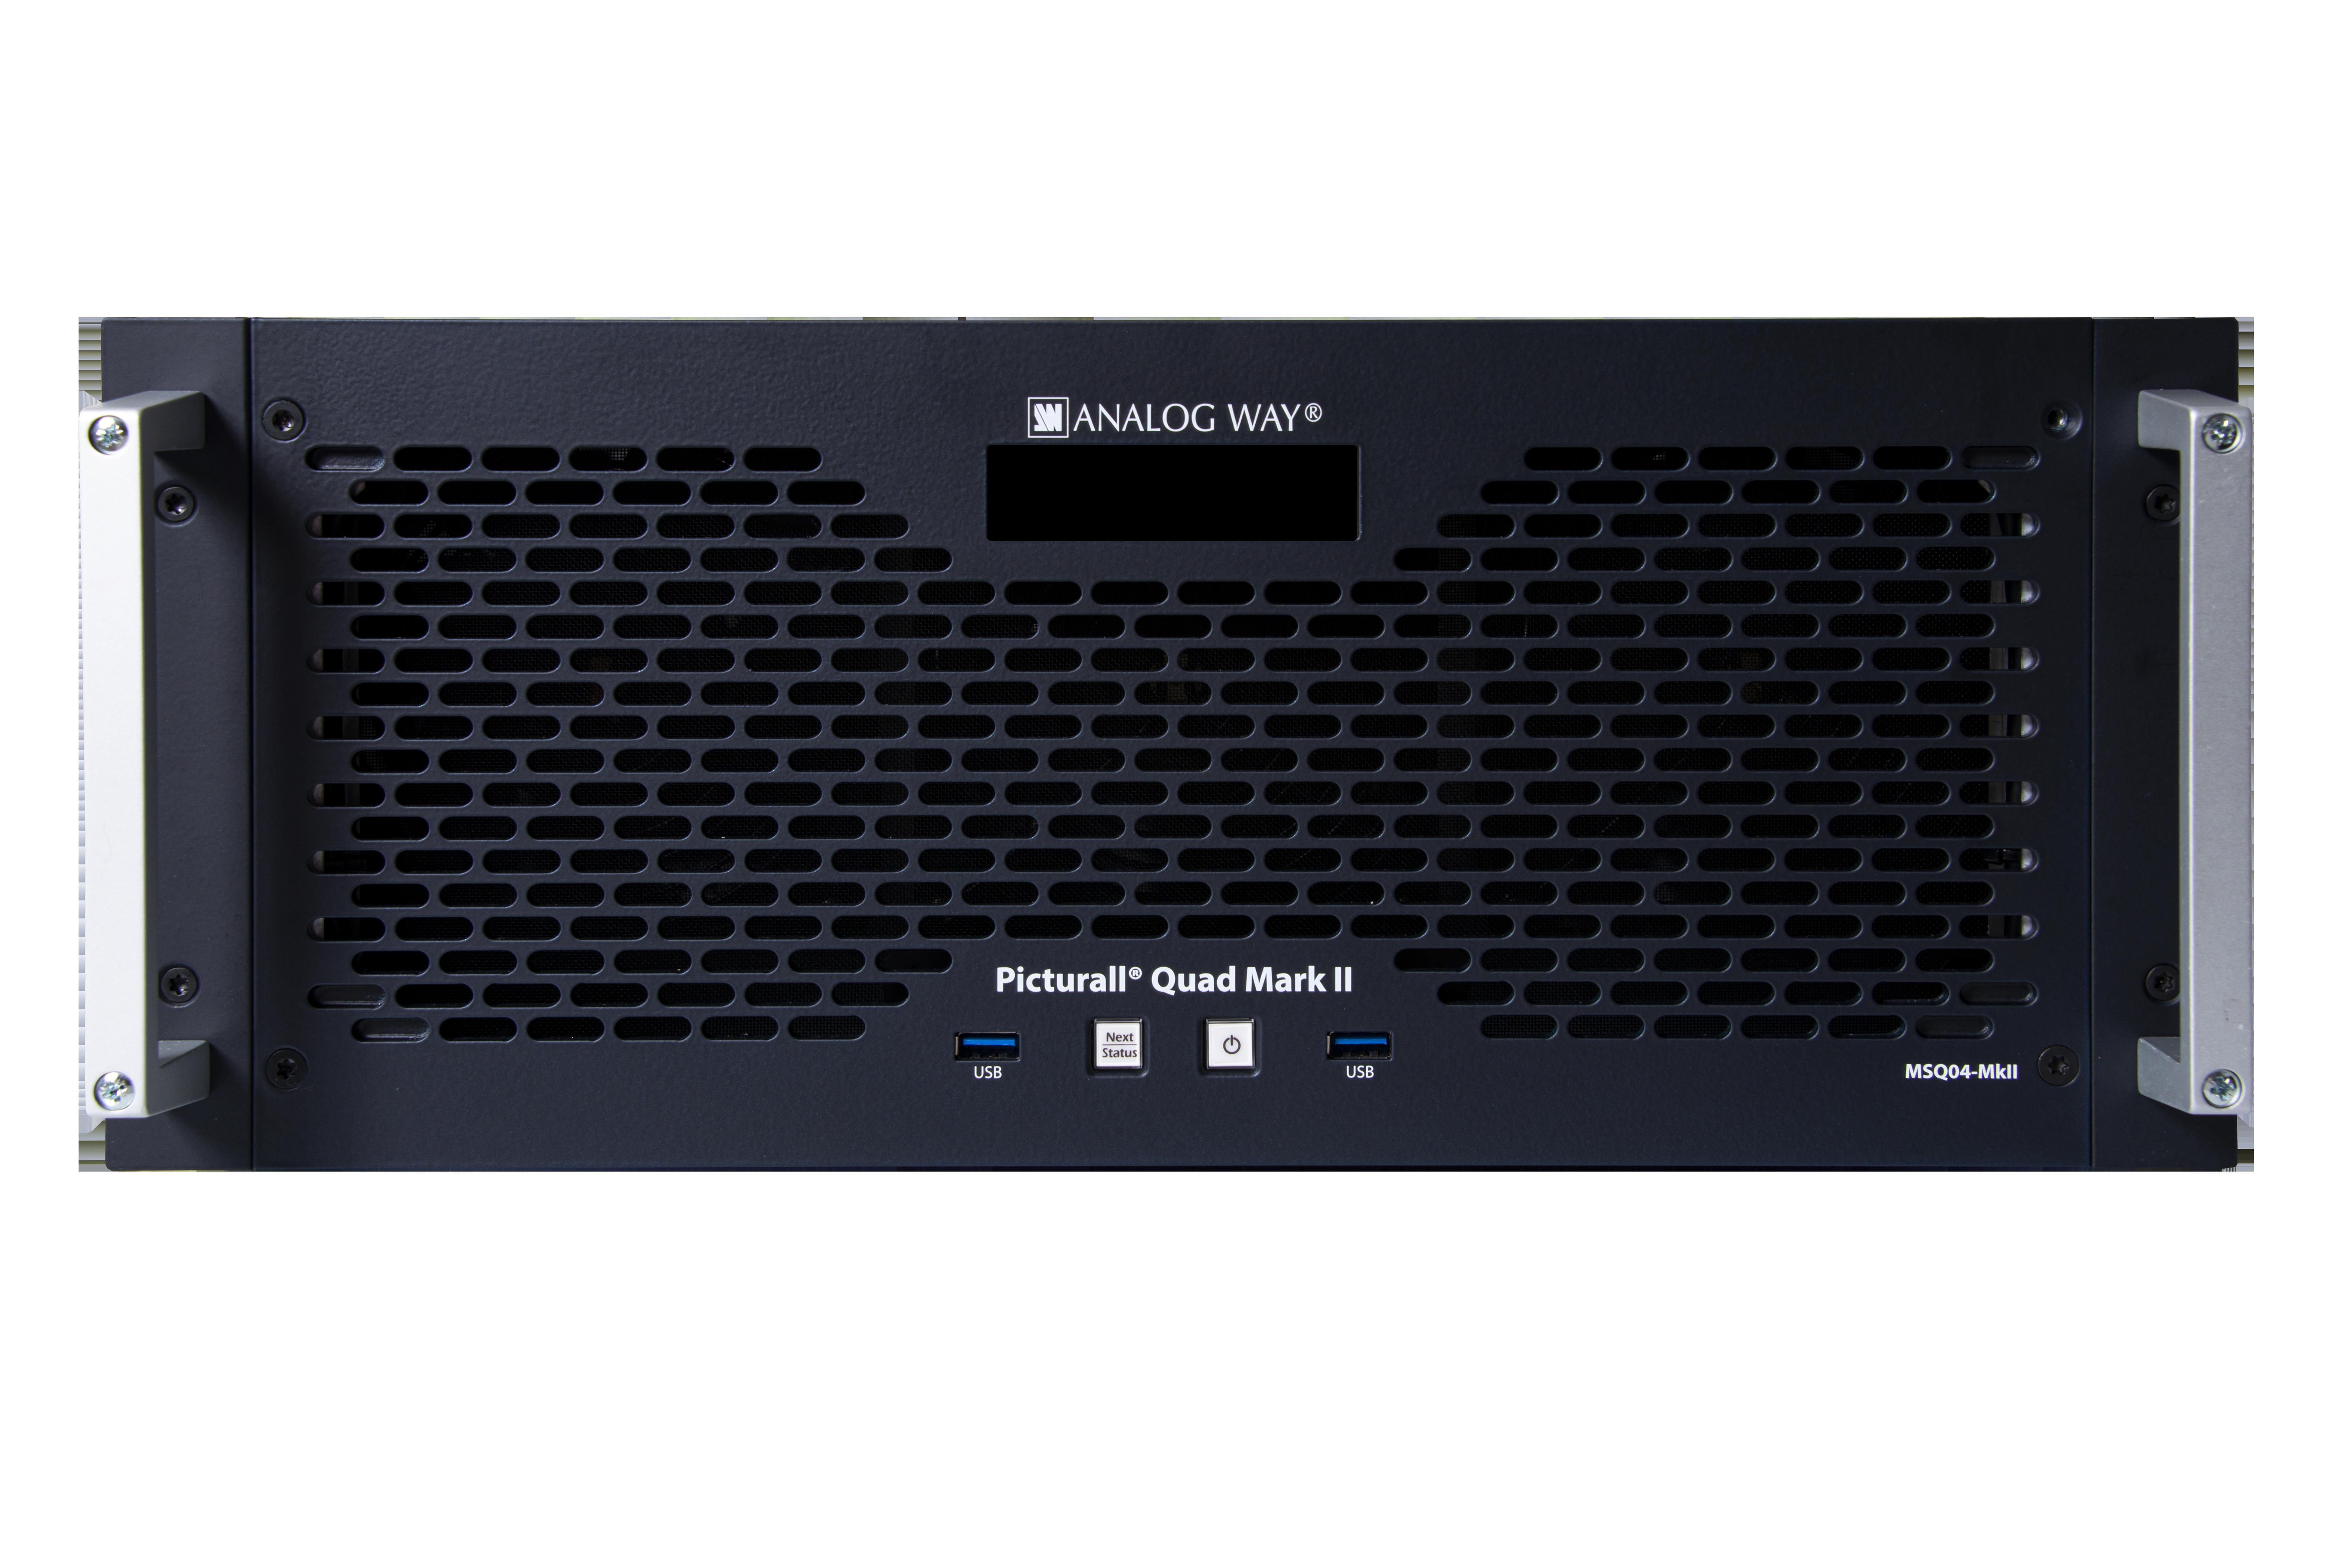 Bildkraft entscheidet sich für den Picturall Quad Mark II Media Server